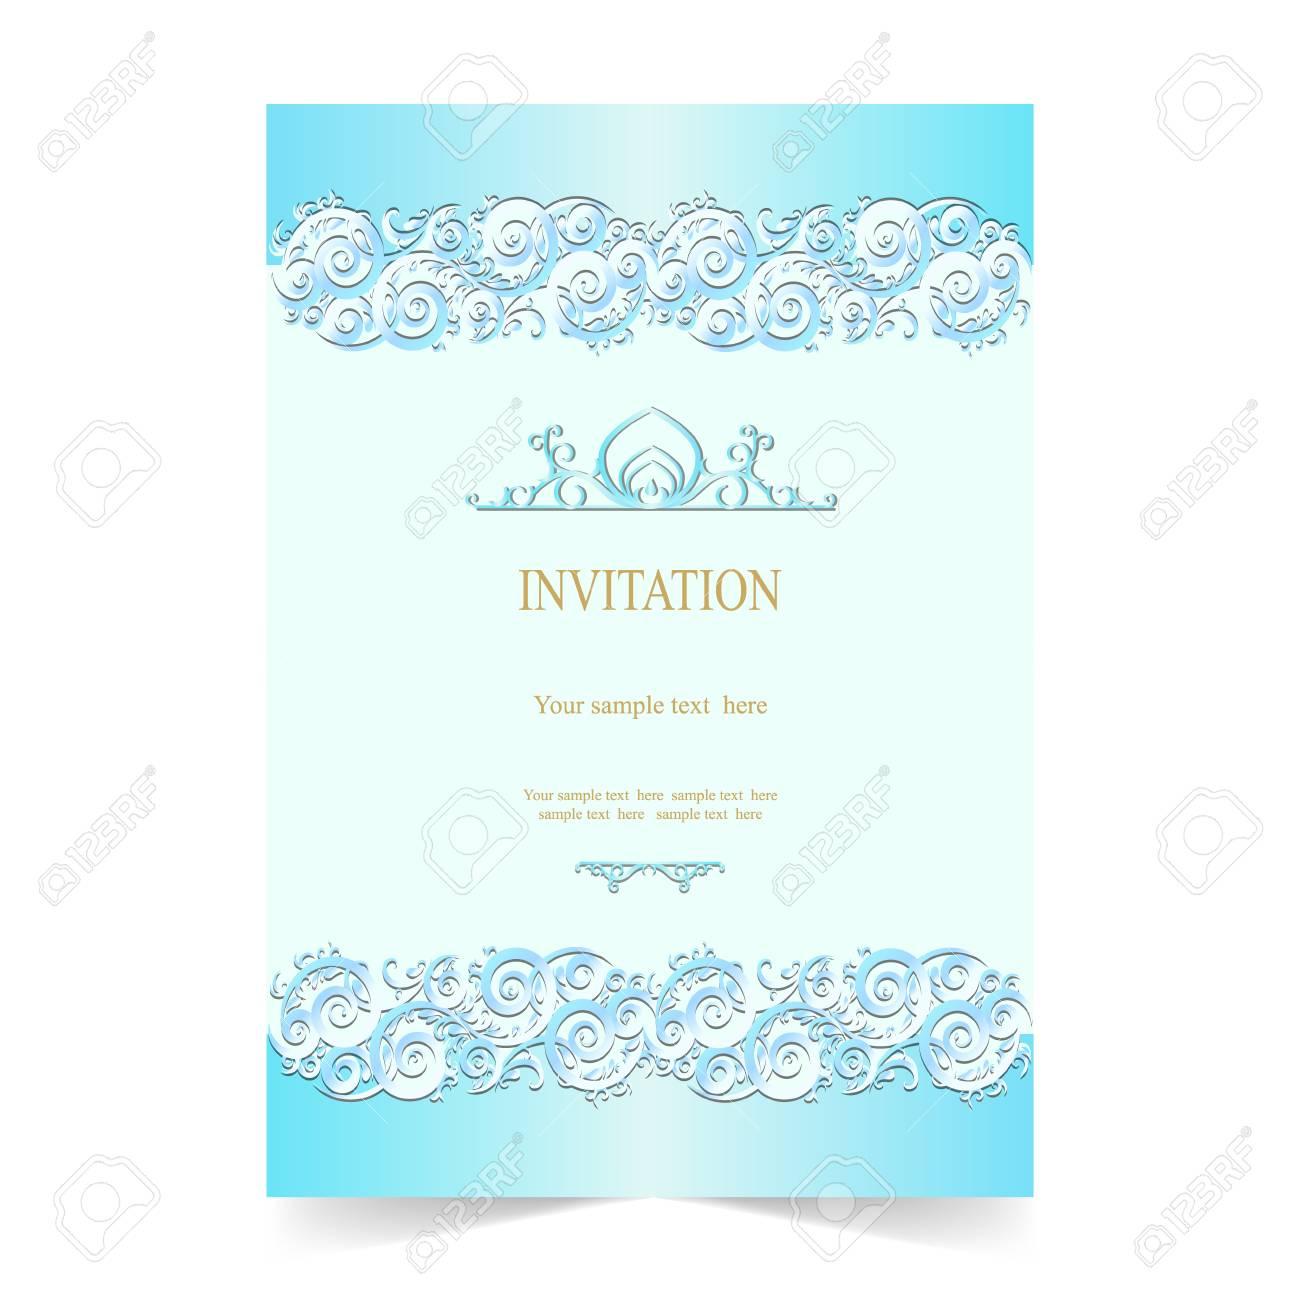 Tarjeta De Invitación Invitación De Boda Con Fondo Azul Suave Ornamental